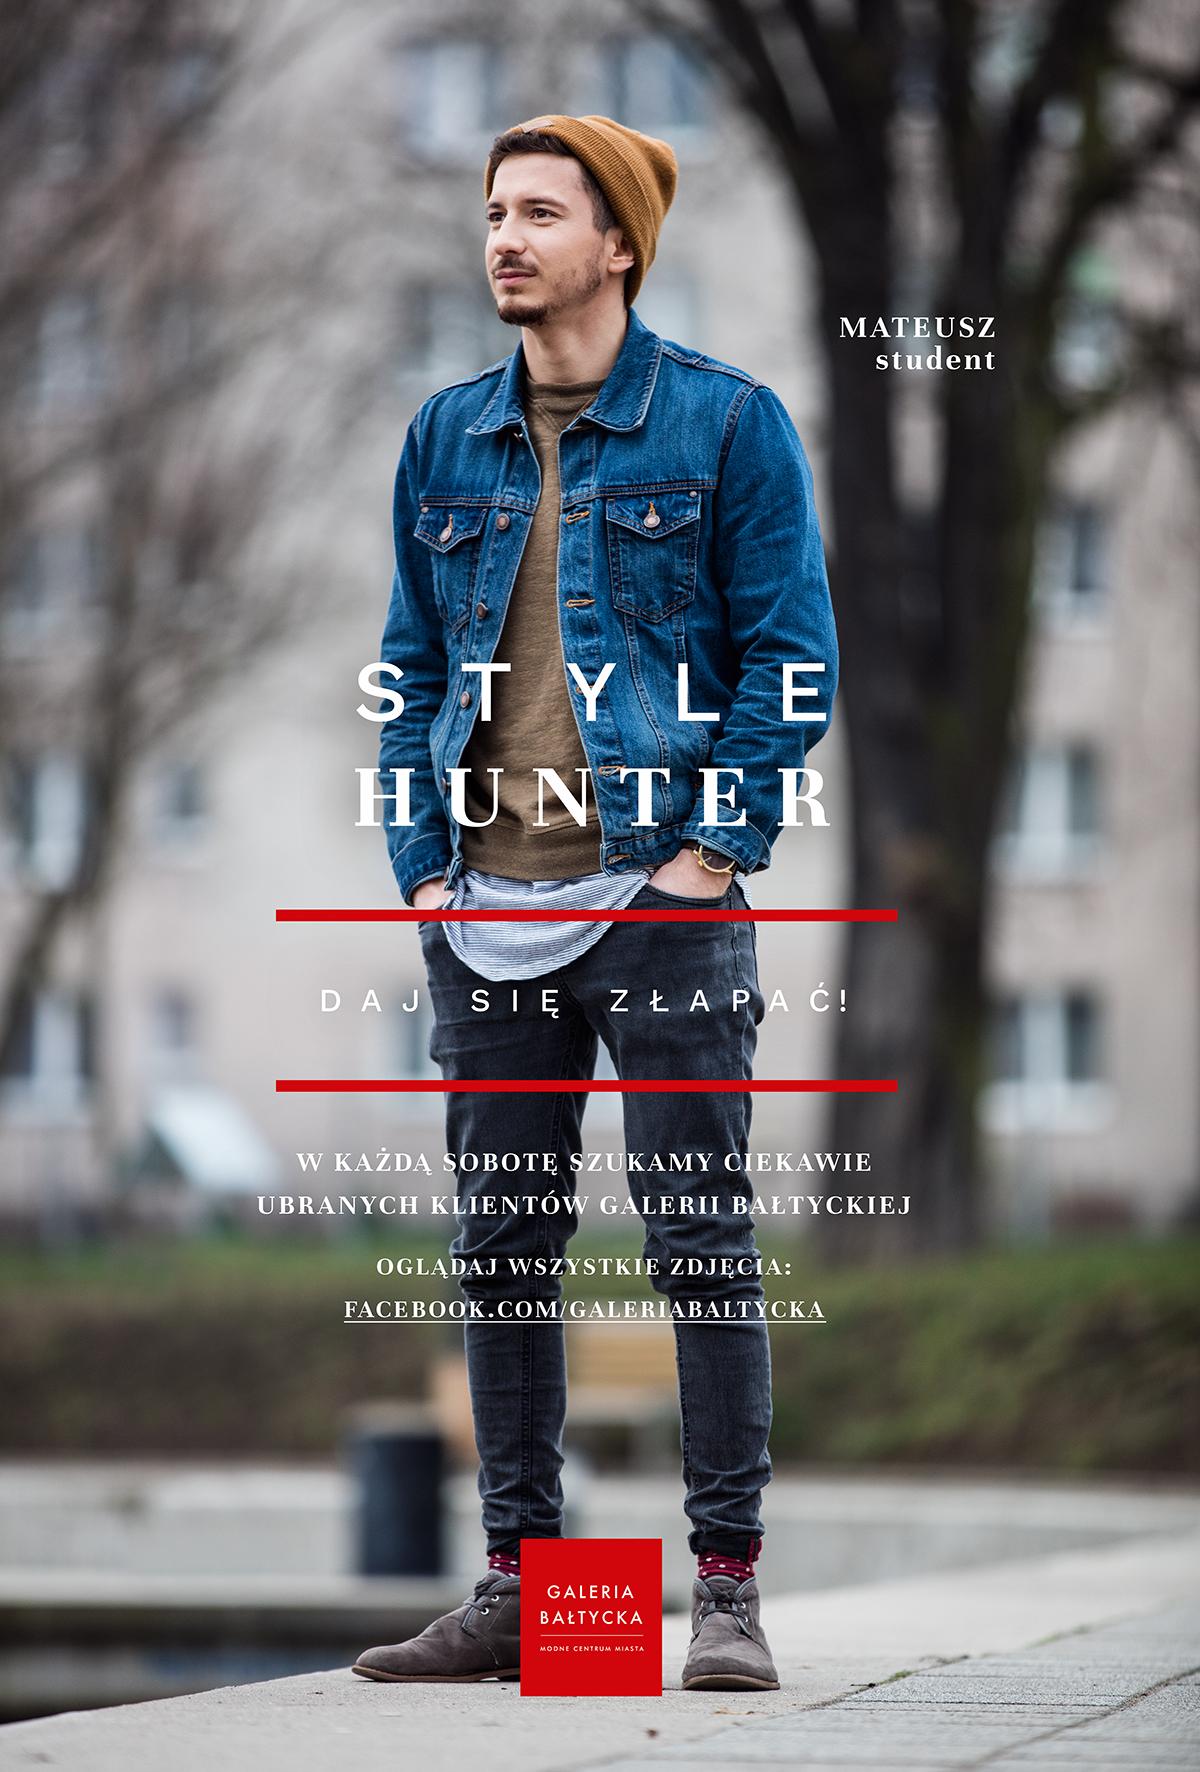 style_hunter_mateusz